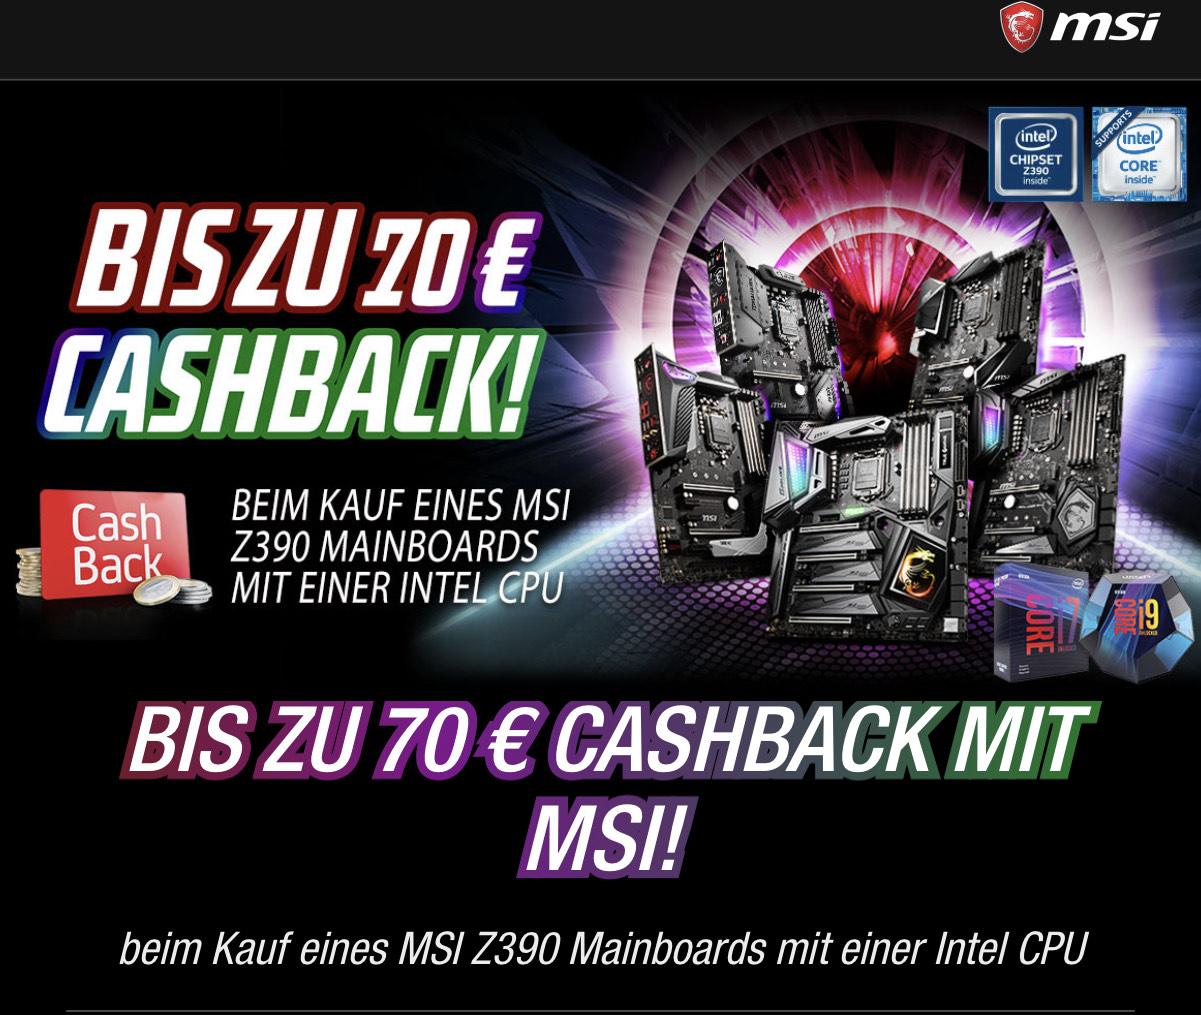 MSI bis zu 70€ Cashback